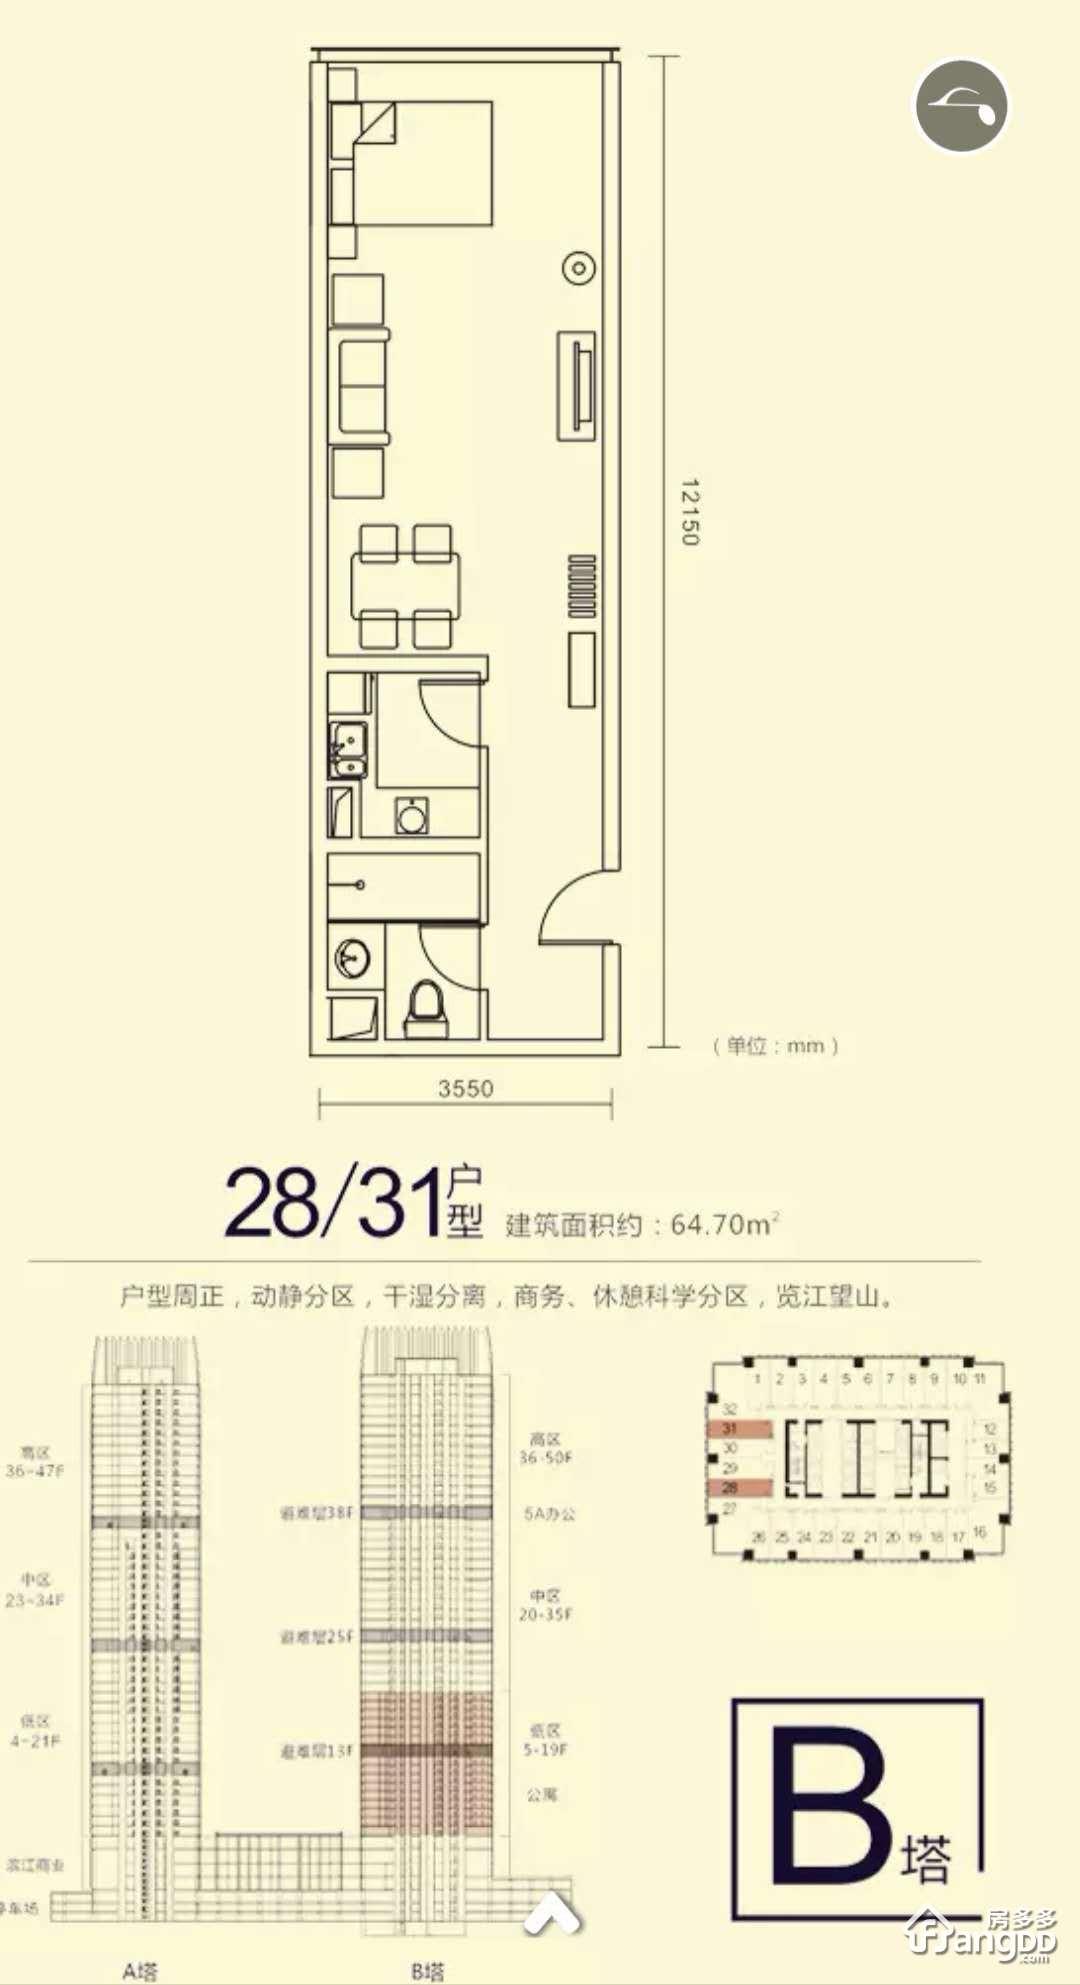 汇景发展环球中心1室1厅1卫户型图